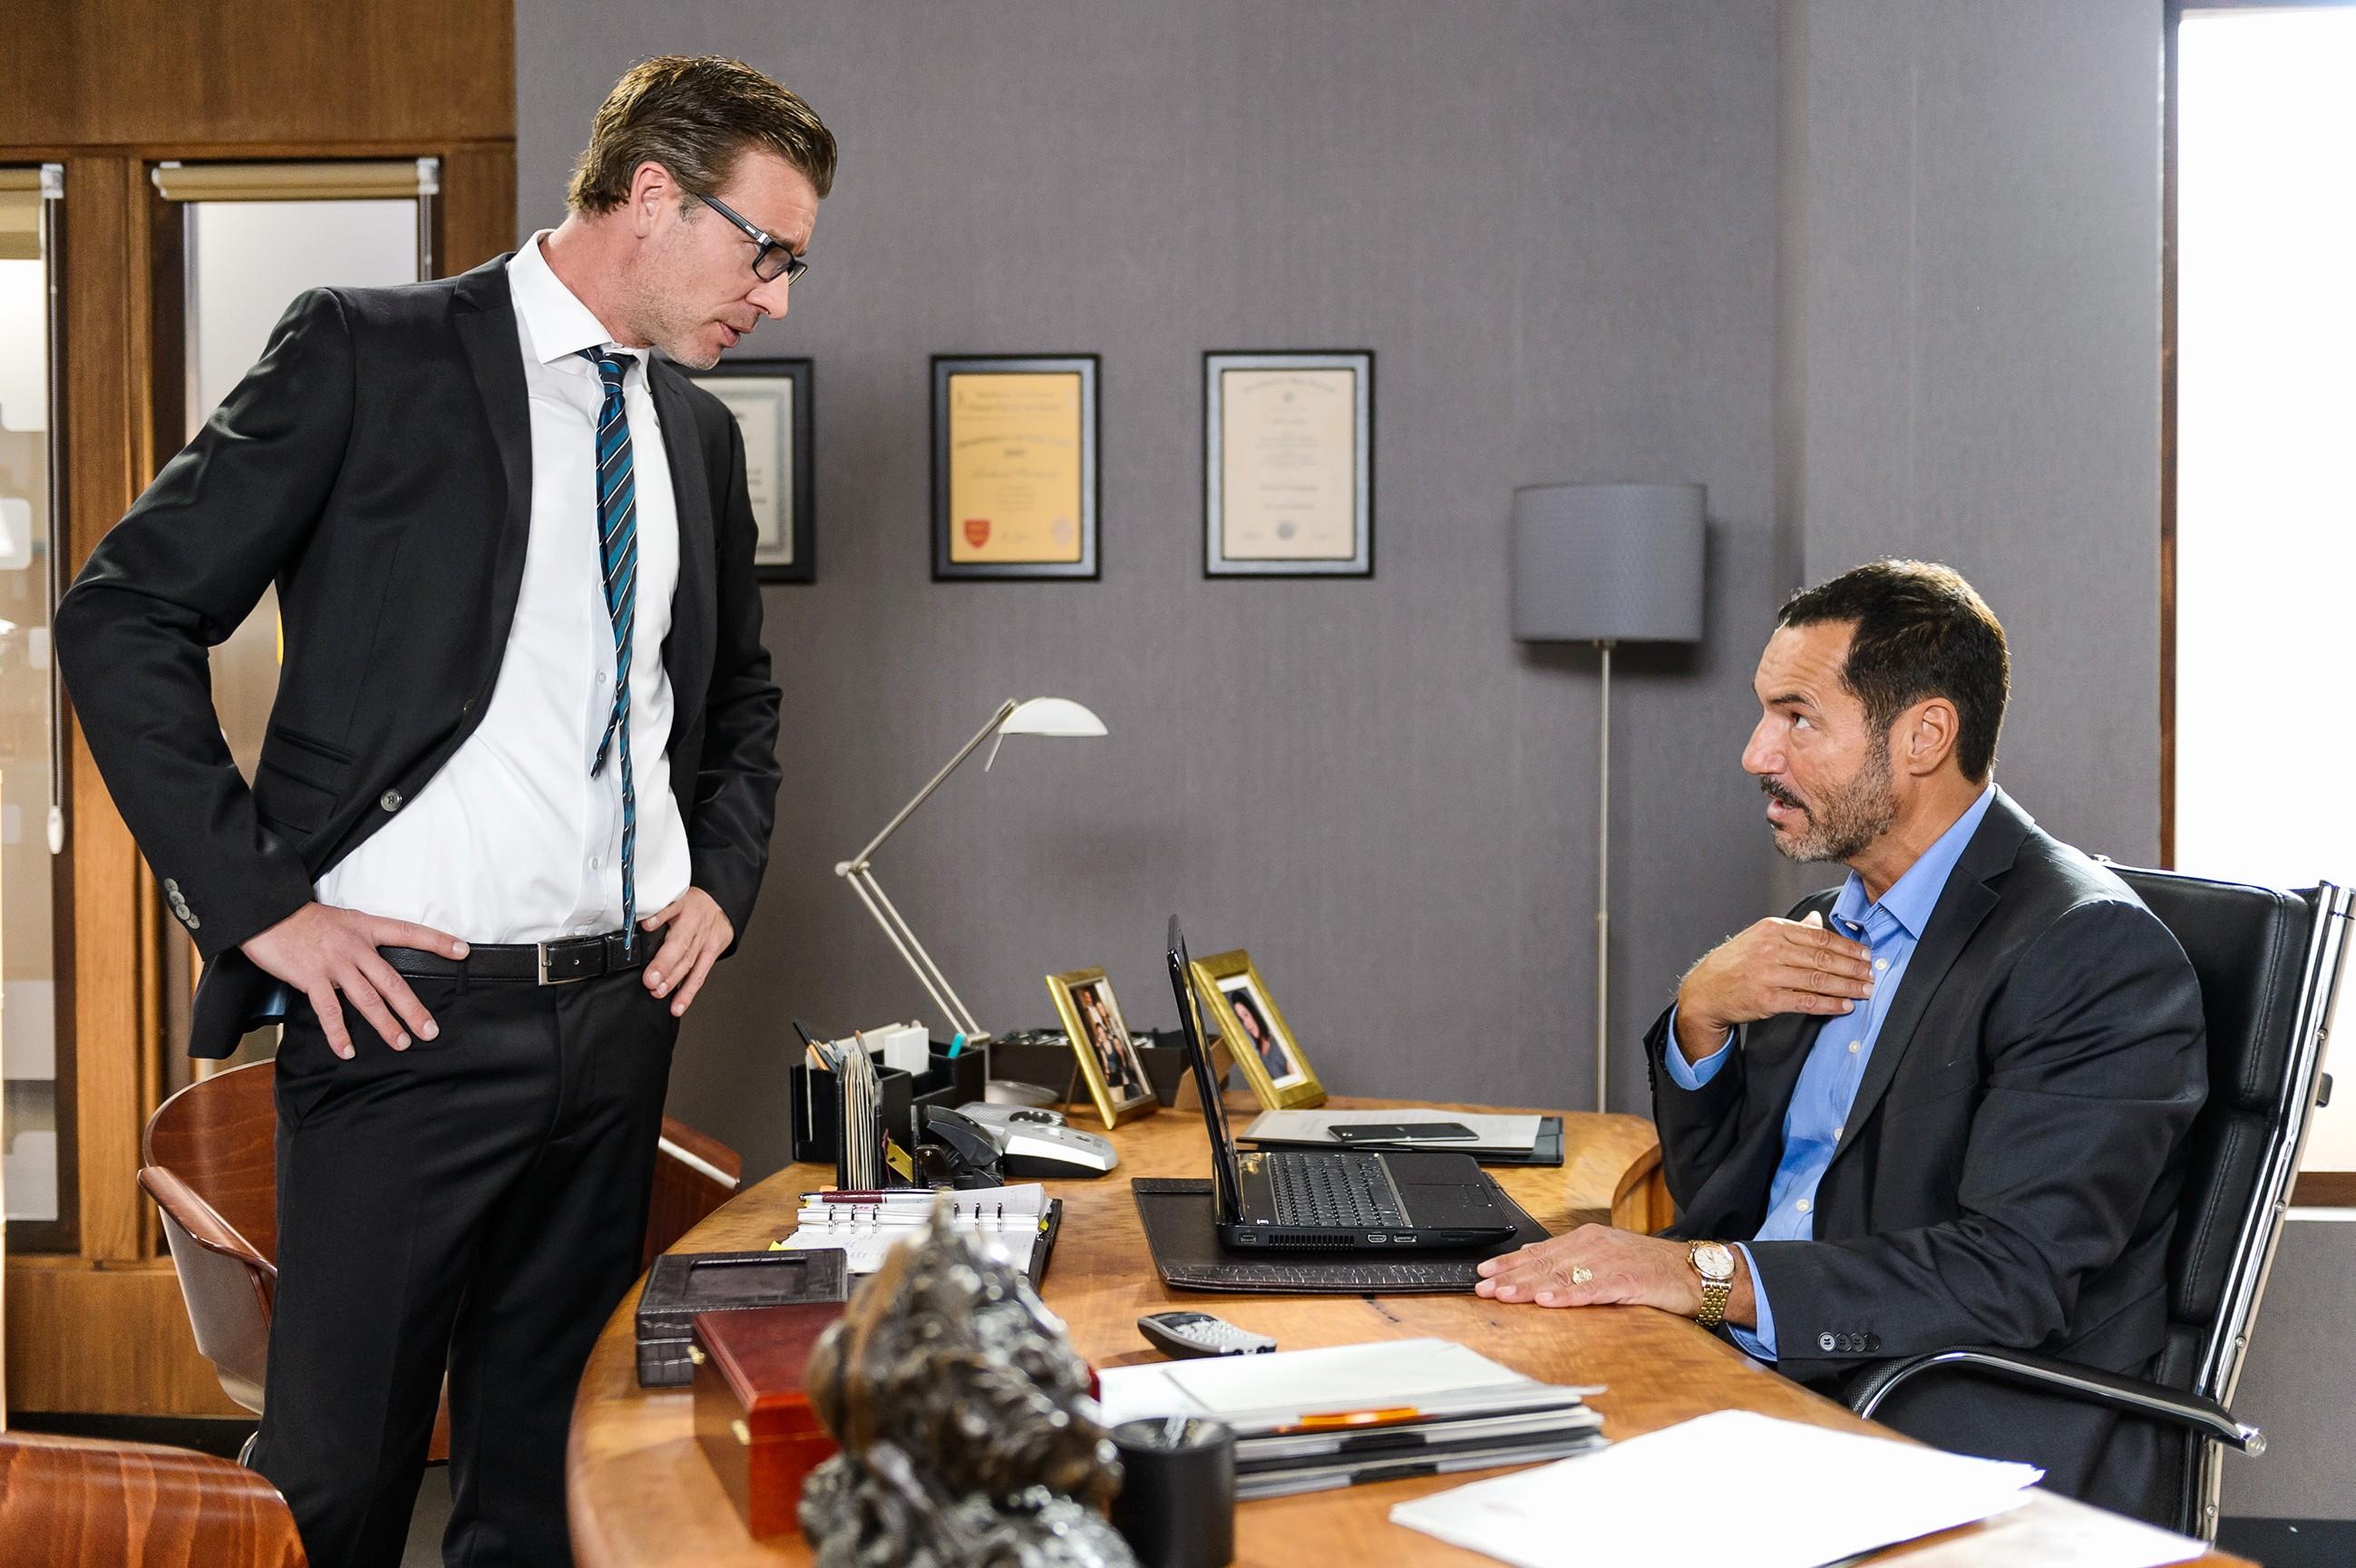 Christoph (Lars Korten, l.) stürzt sich in die Arbeit, um den Schaden für die Firma nach Auftauchen des Video-Beweises möglichst gering zu halten - nicht ahnend, dass Richard (Silvan-Pierre Leirich) derweil schon seinen Rausschmiss plant. (Quelle: RTL / Wili Weber)